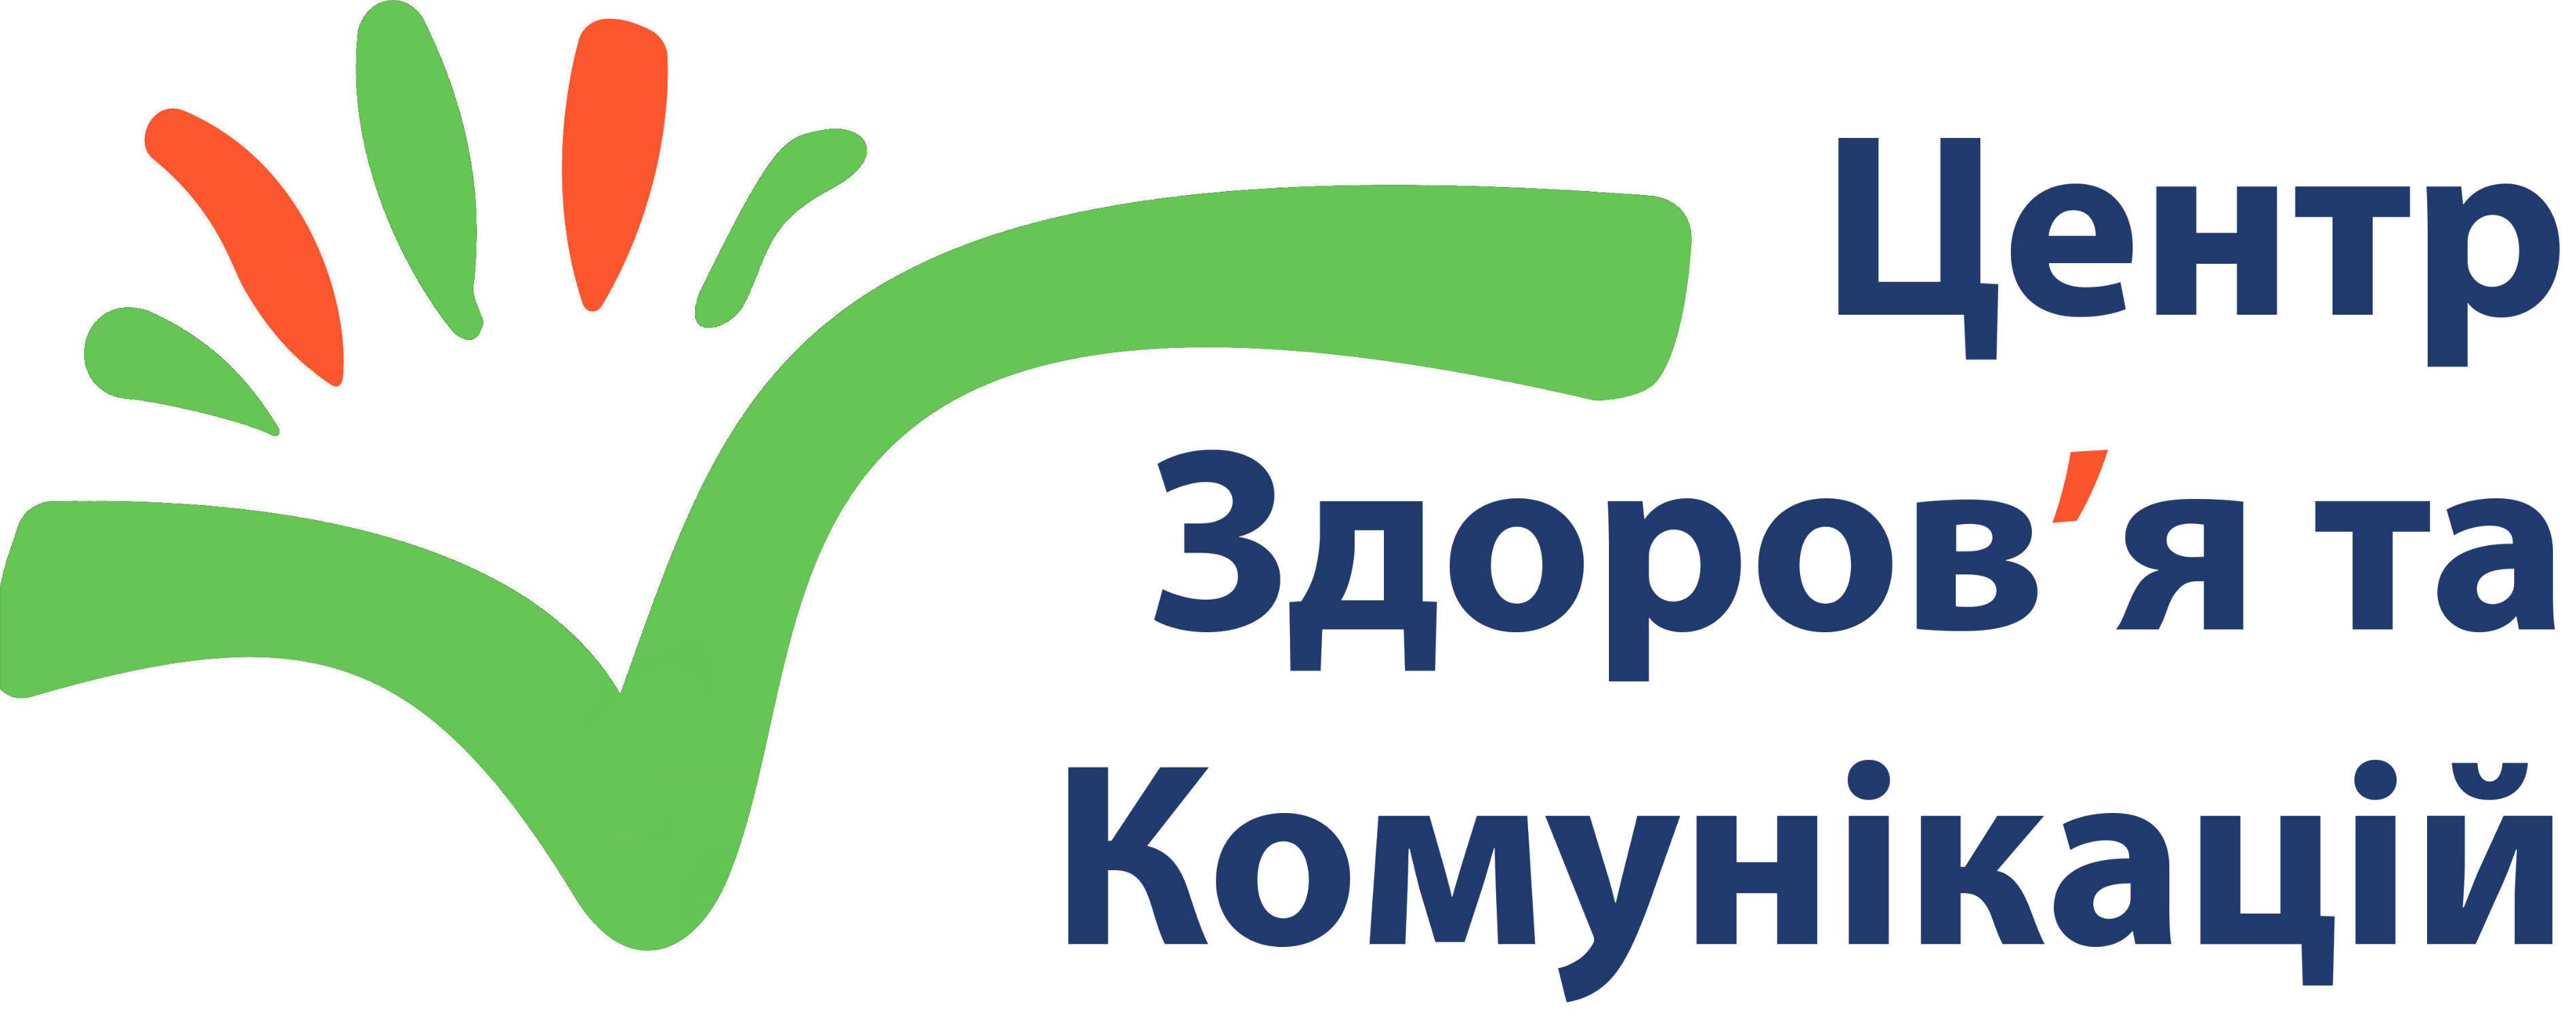 Центр Здоров'я та Комунікацій